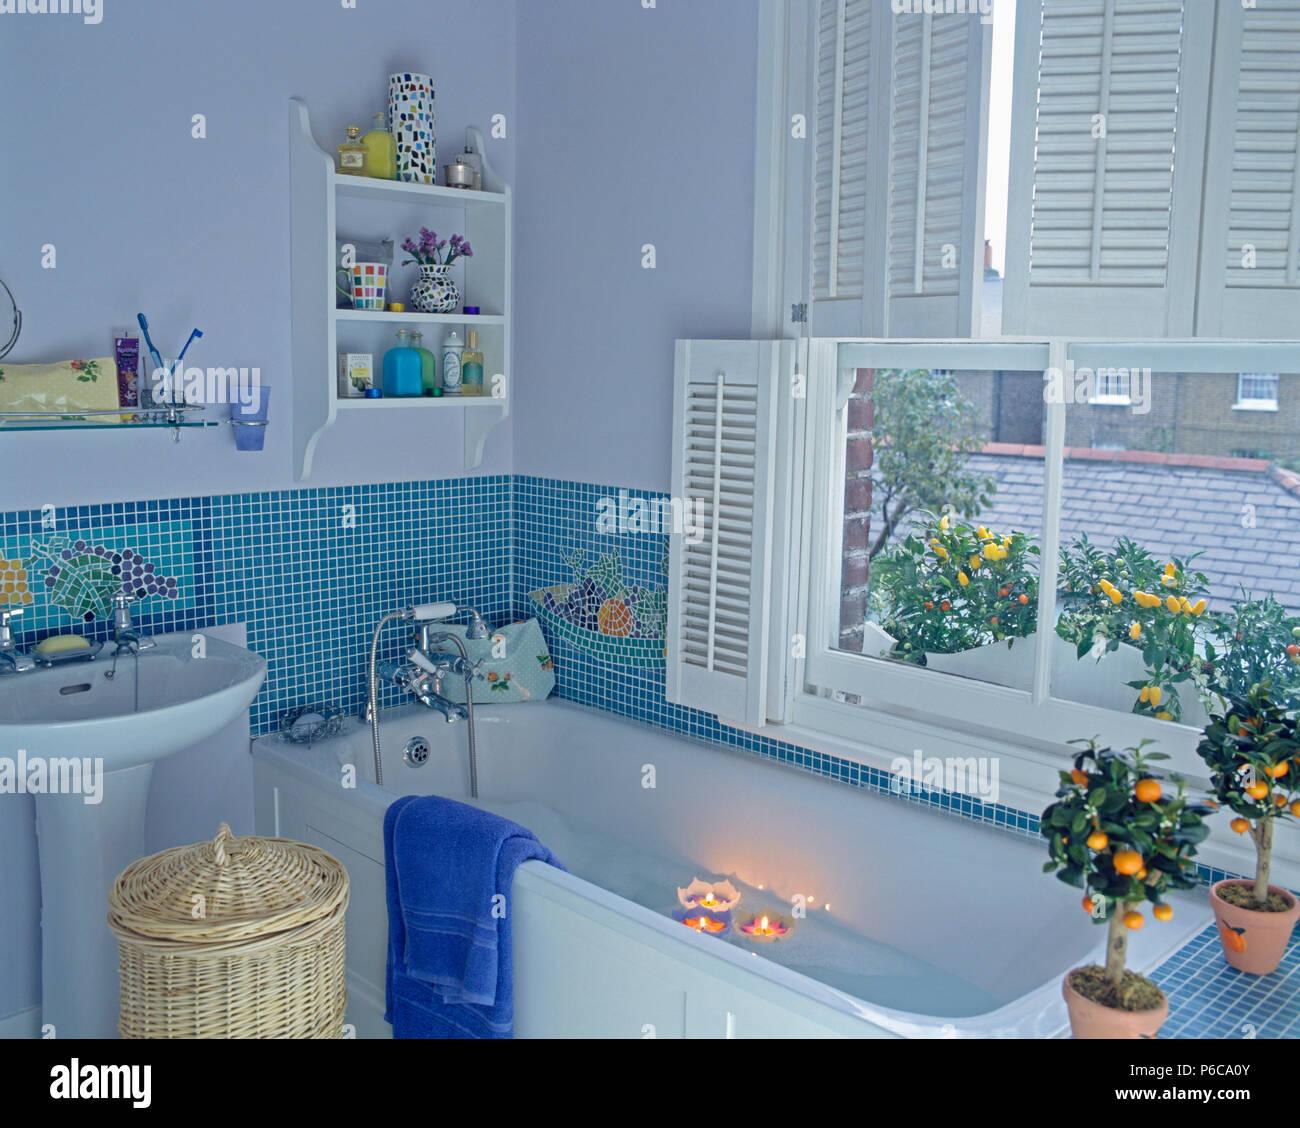 Candele Galleggiante Nella Vasca Sottostante Finestra Di Bianco Con